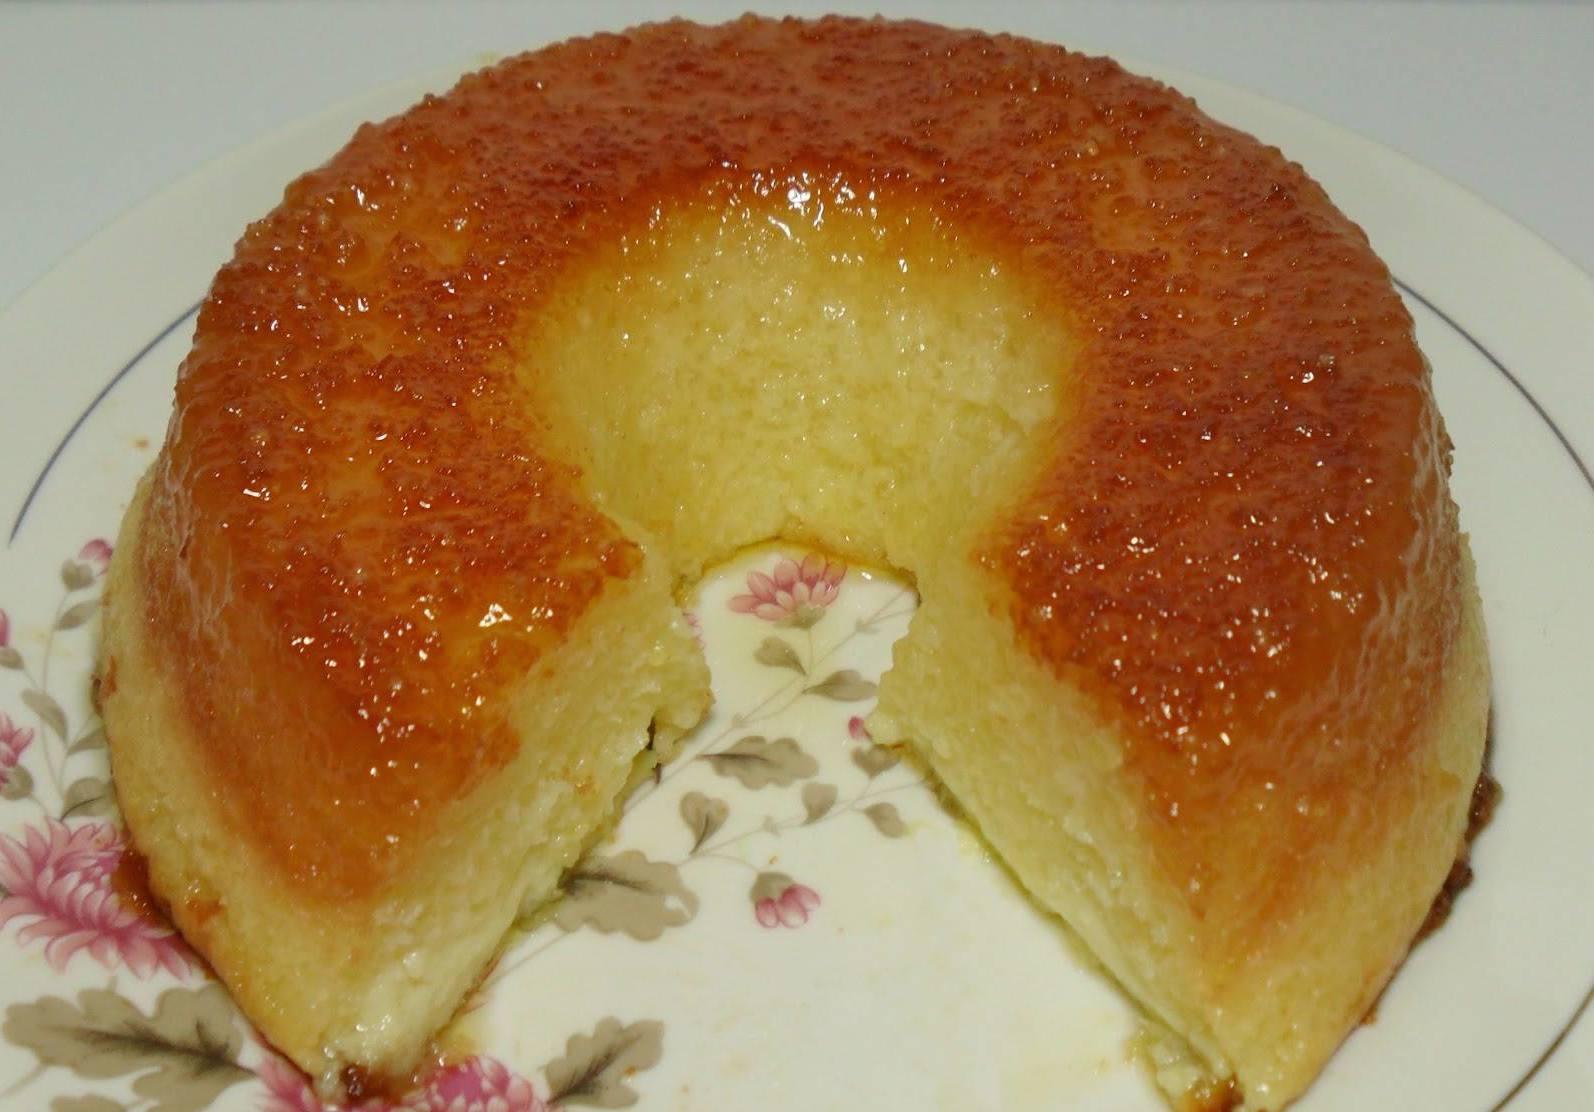 Torta pudim de tapioca Maravilha é poder ter uma torta como essa pra degustar, delícia!  Veja a receita- http-::www.aguanaboca.org:receita:torta-pudim-de-tapioca: